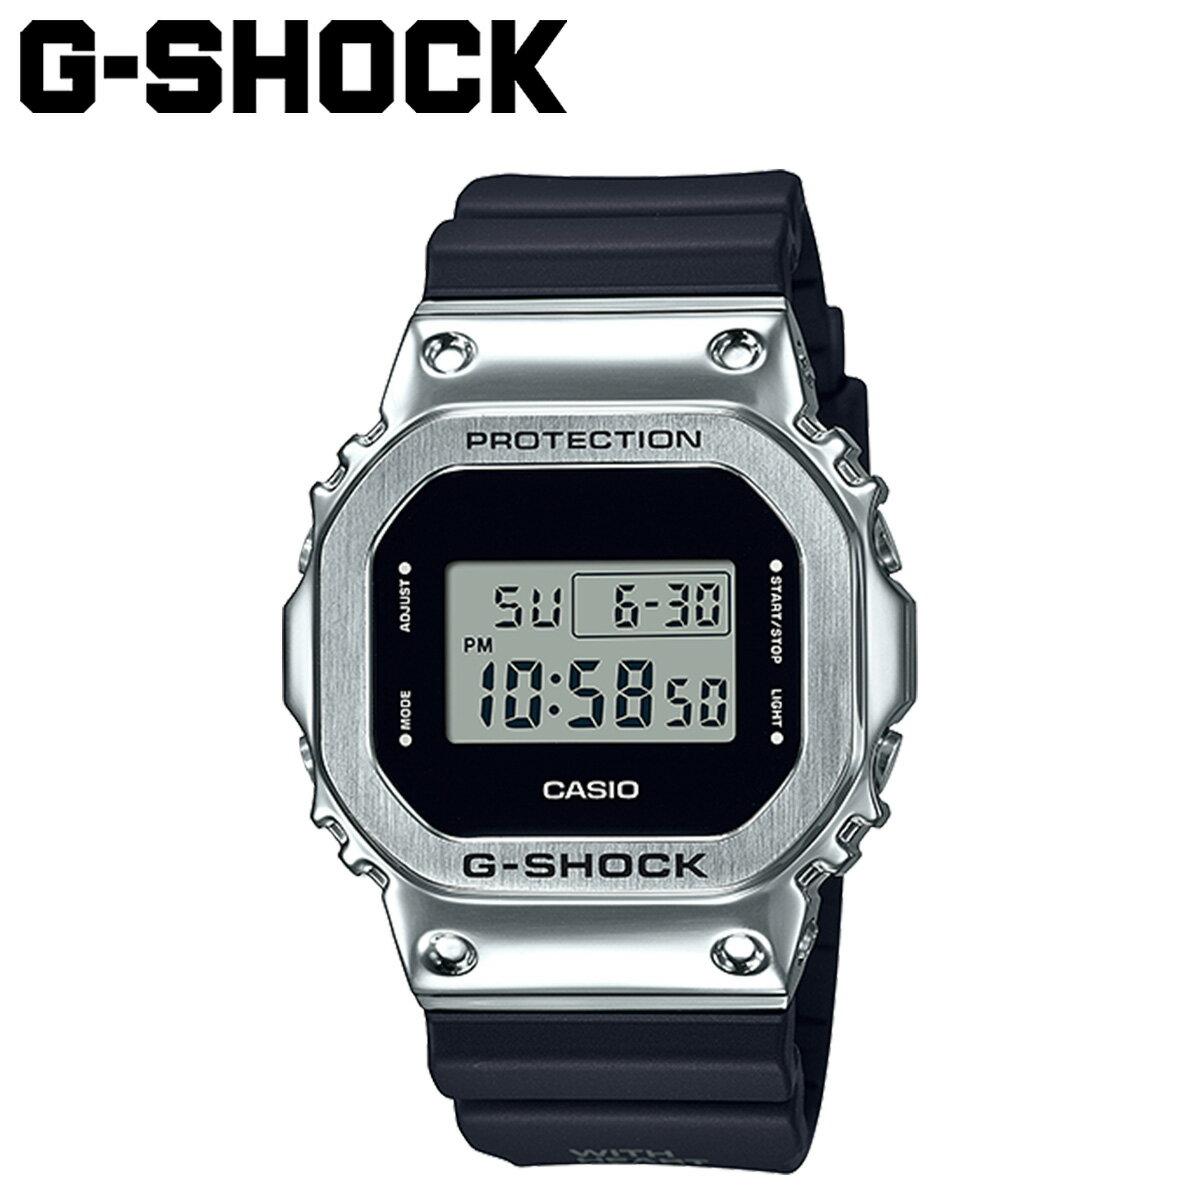 腕時計, メンズ腕時計 1000OFF CASIO GM-5600RI20-1JR G G-